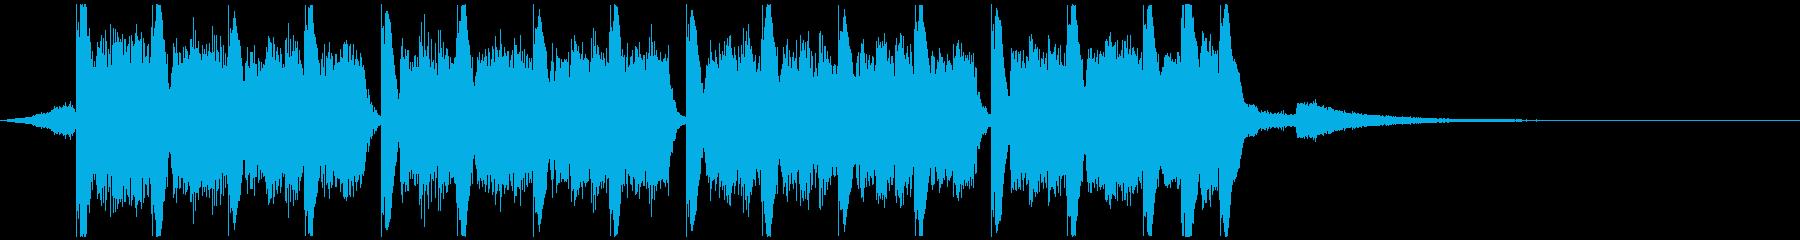 アクションスポーツ(15秒)の再生済みの波形